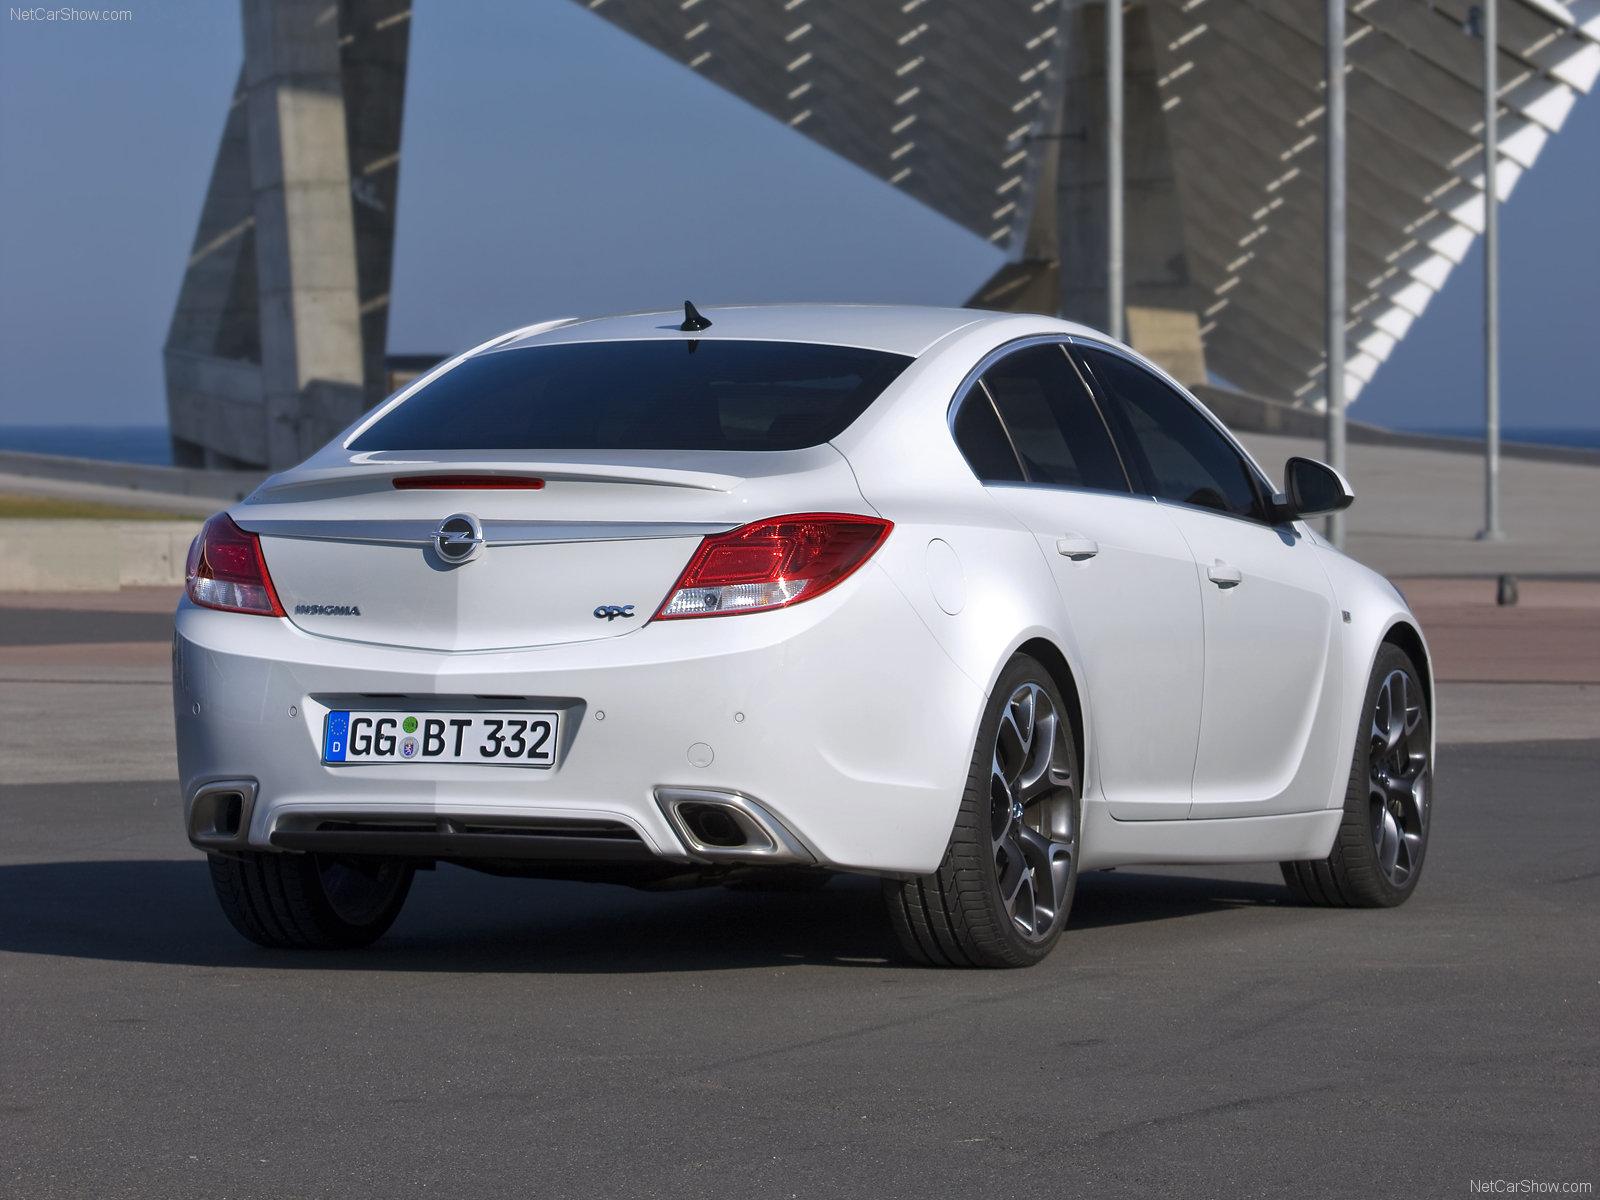 Autoblog - TuttoAuto - Opel - Insignia opc - 1